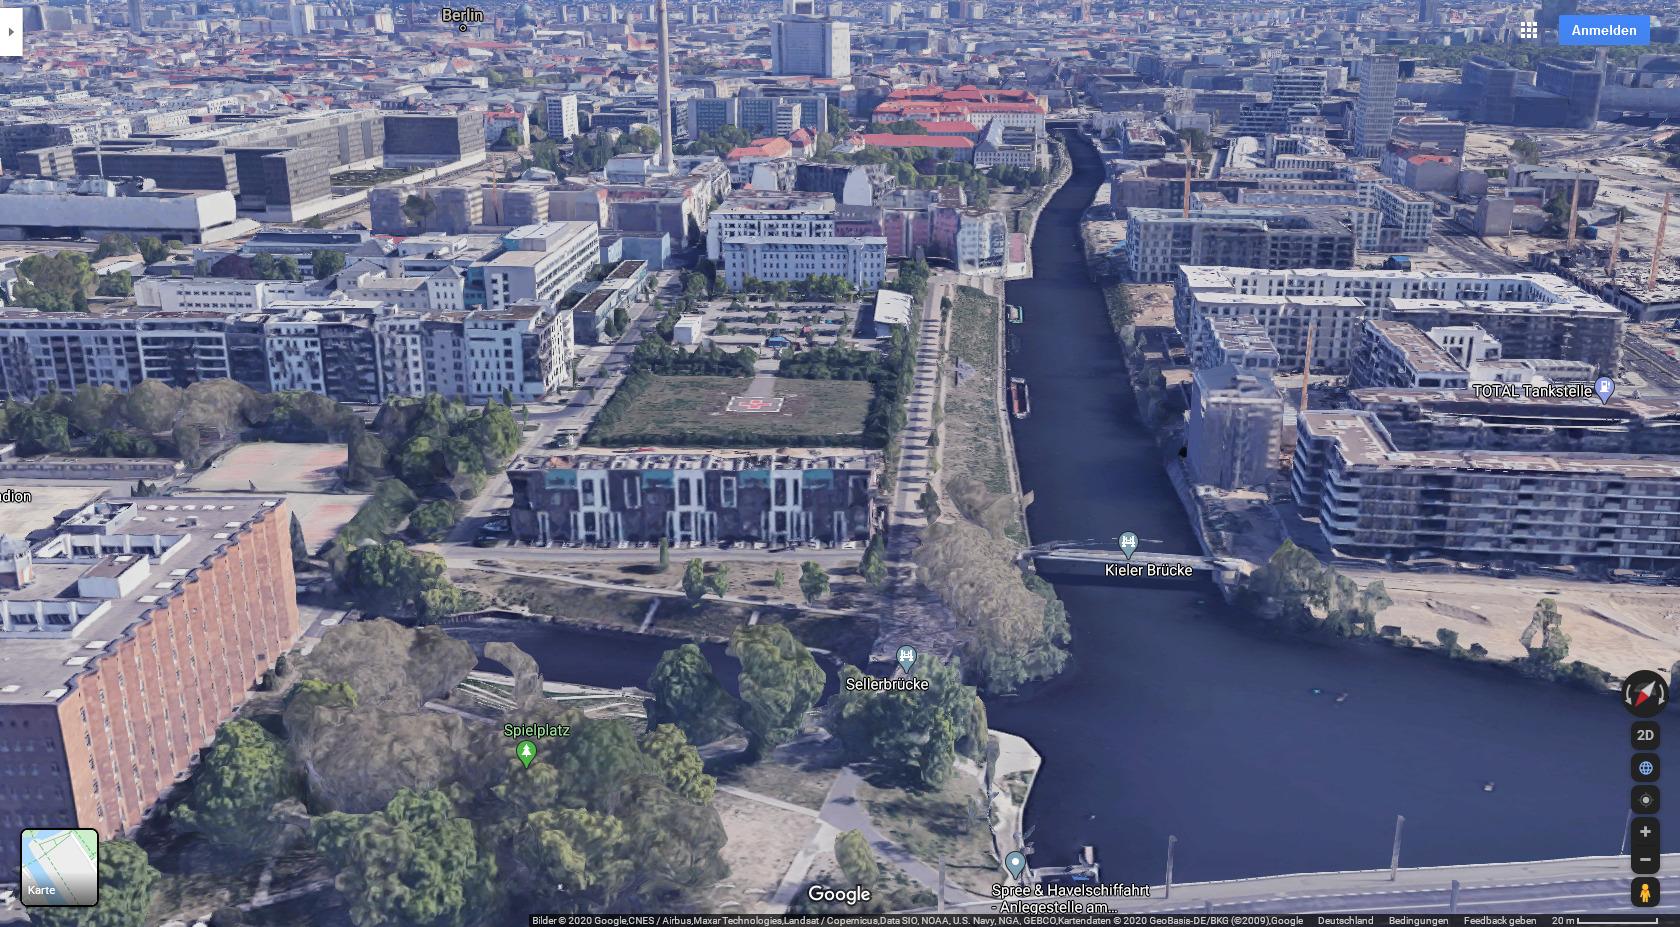 Google Maps: Verlauf des Berlin-Spandauer Kanals vom Nordhafen (vorne) bis zum Humboldthafen (hinten)